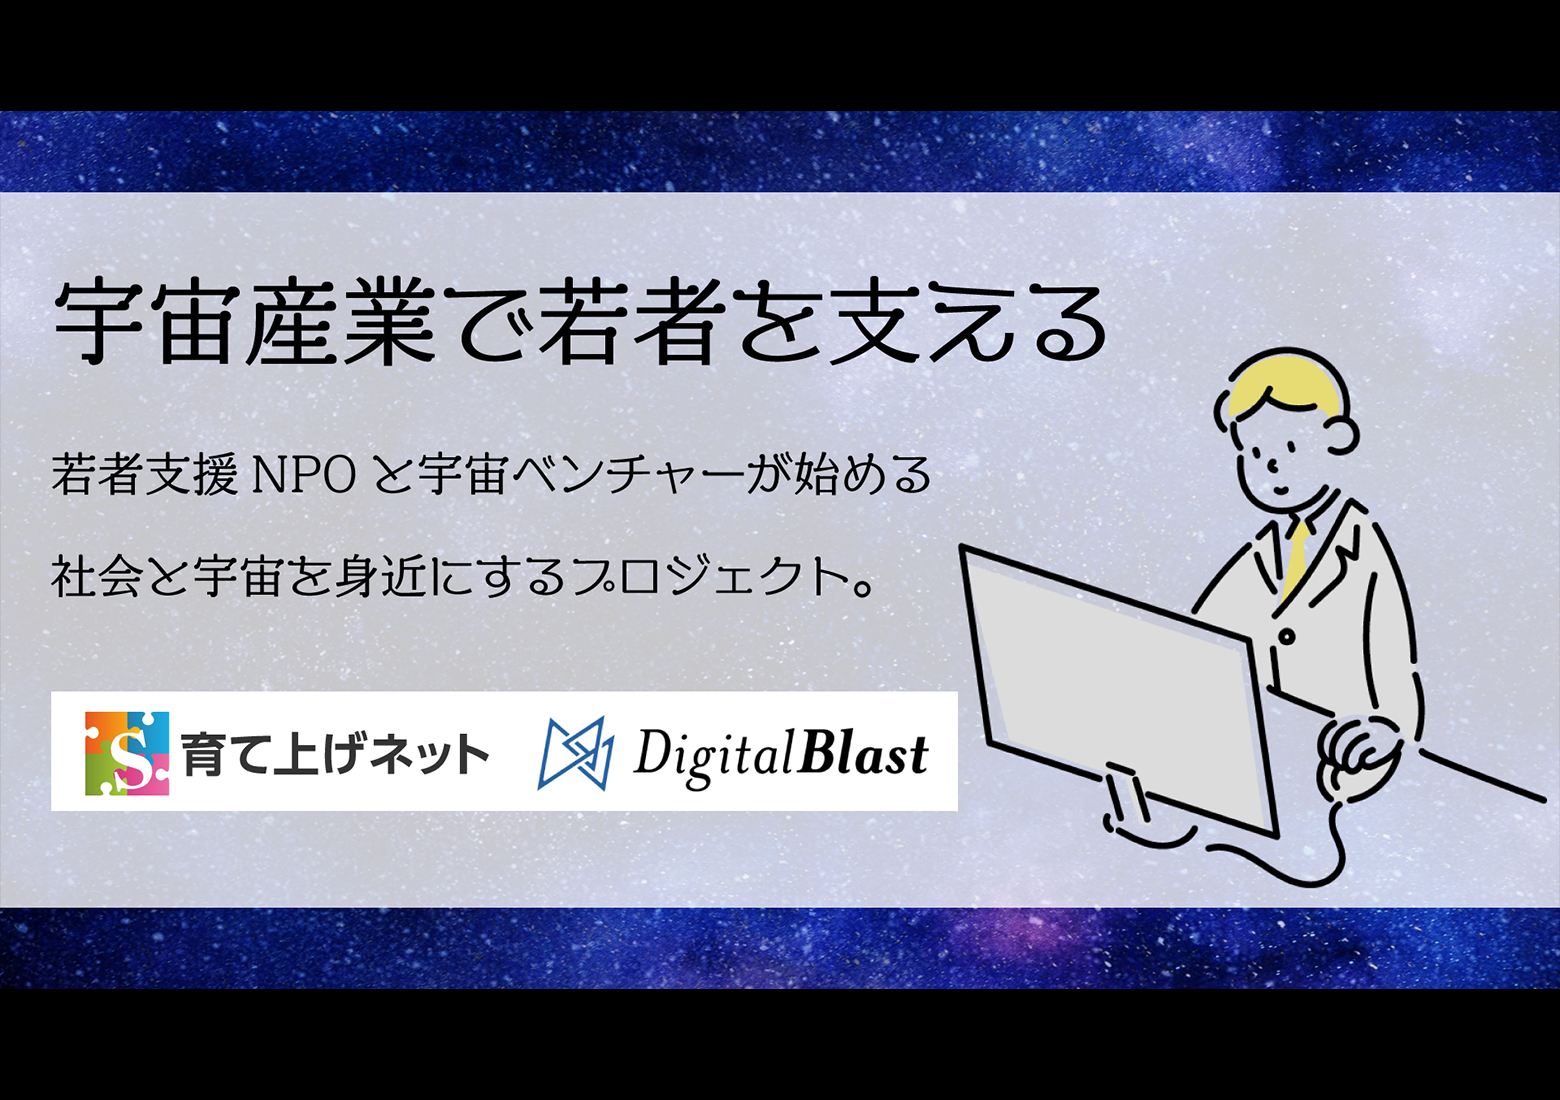 社会から孤立した若者が「宇宙」に挑む。デジタルブラストと若者支援NPOが提携して、日本社会と宇宙を身近にするプロジェクトを実施します。